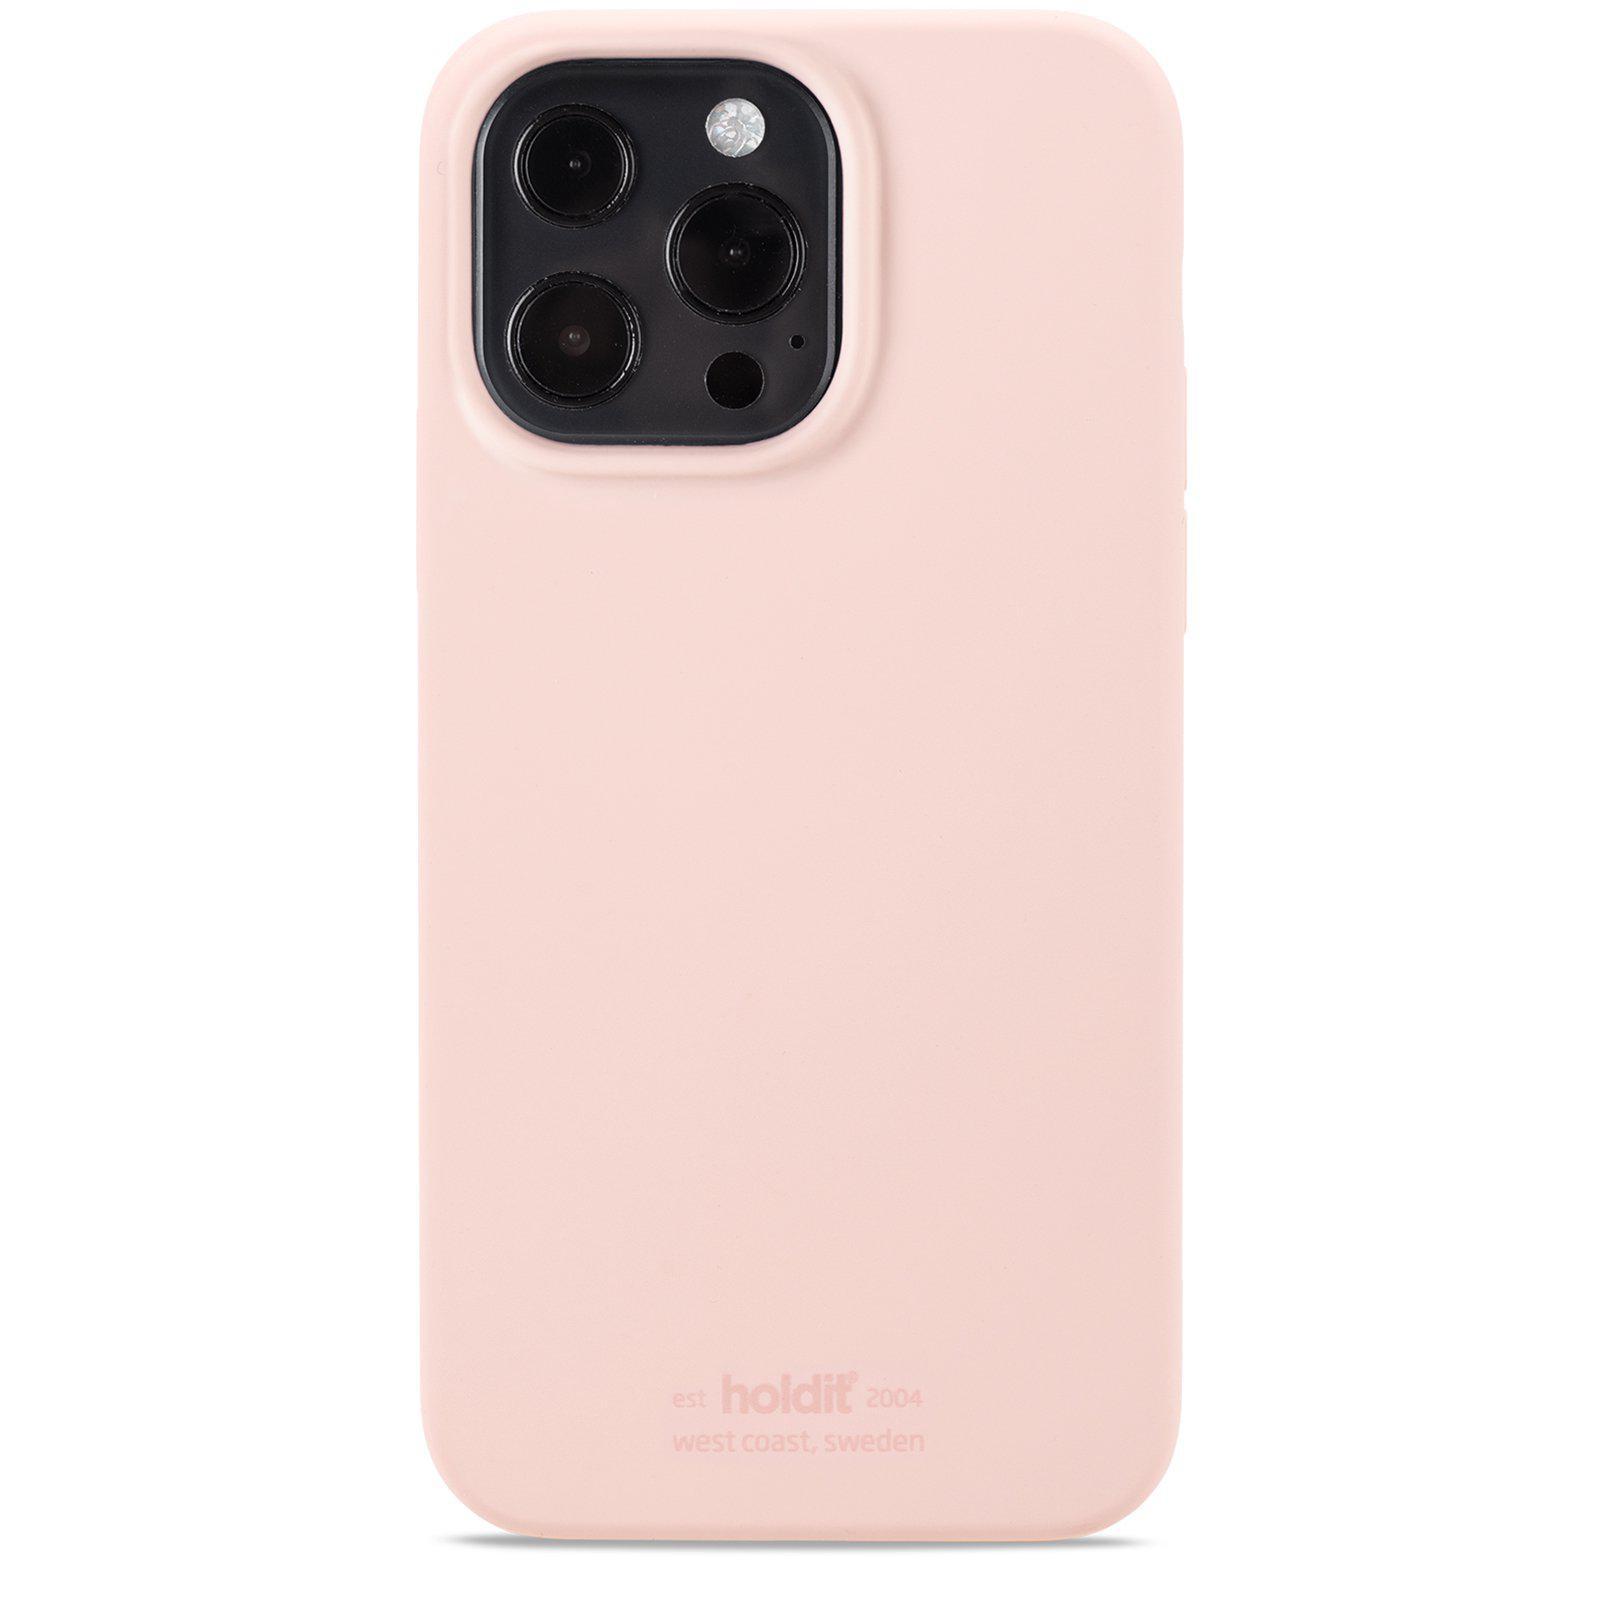 Silikonskal iPhone 13 Pro Max Blush Pink